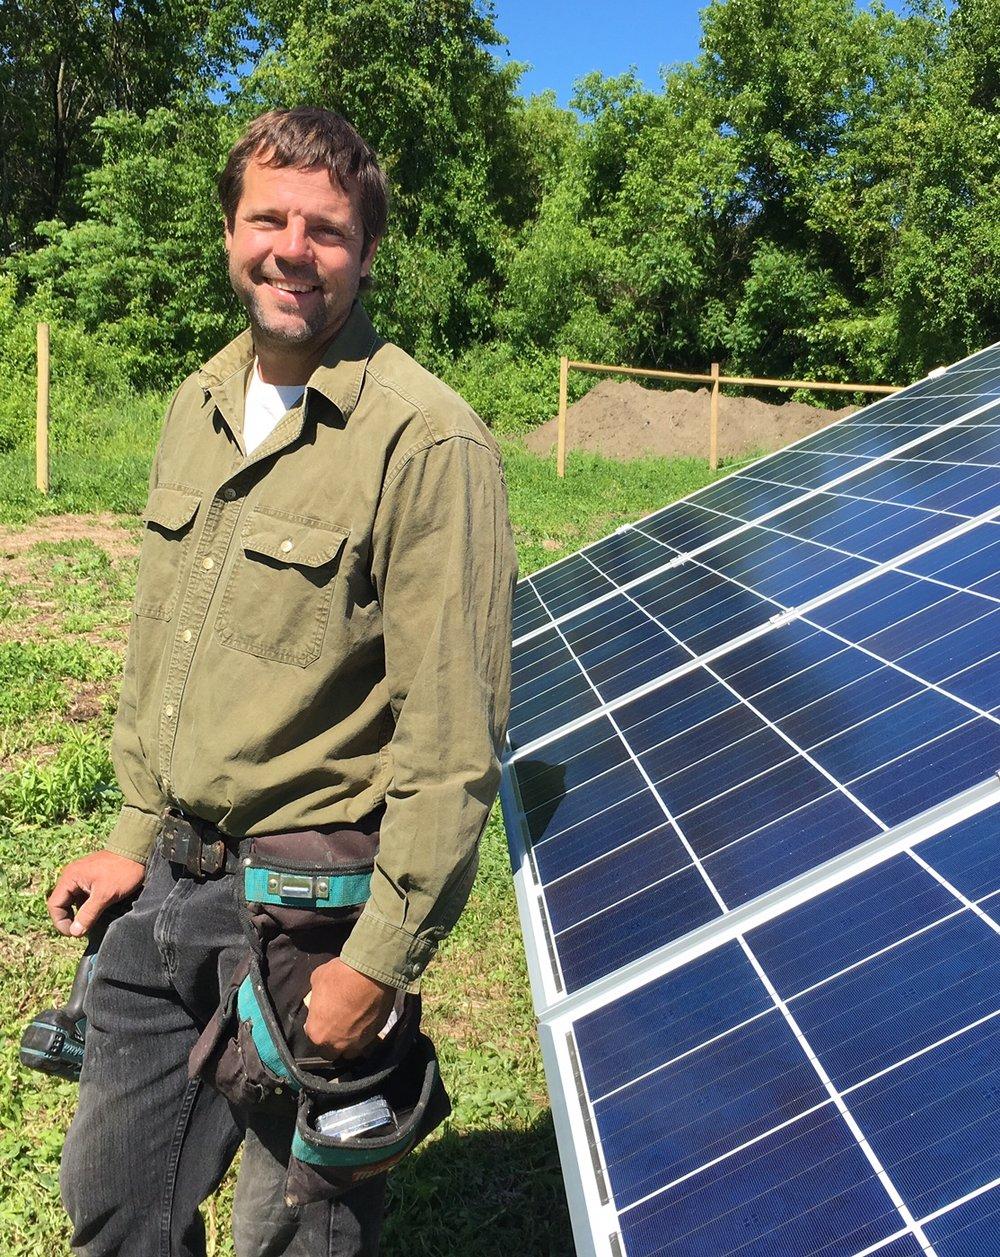 Simon Piluski, Co-owner of Southern Vermont Solar